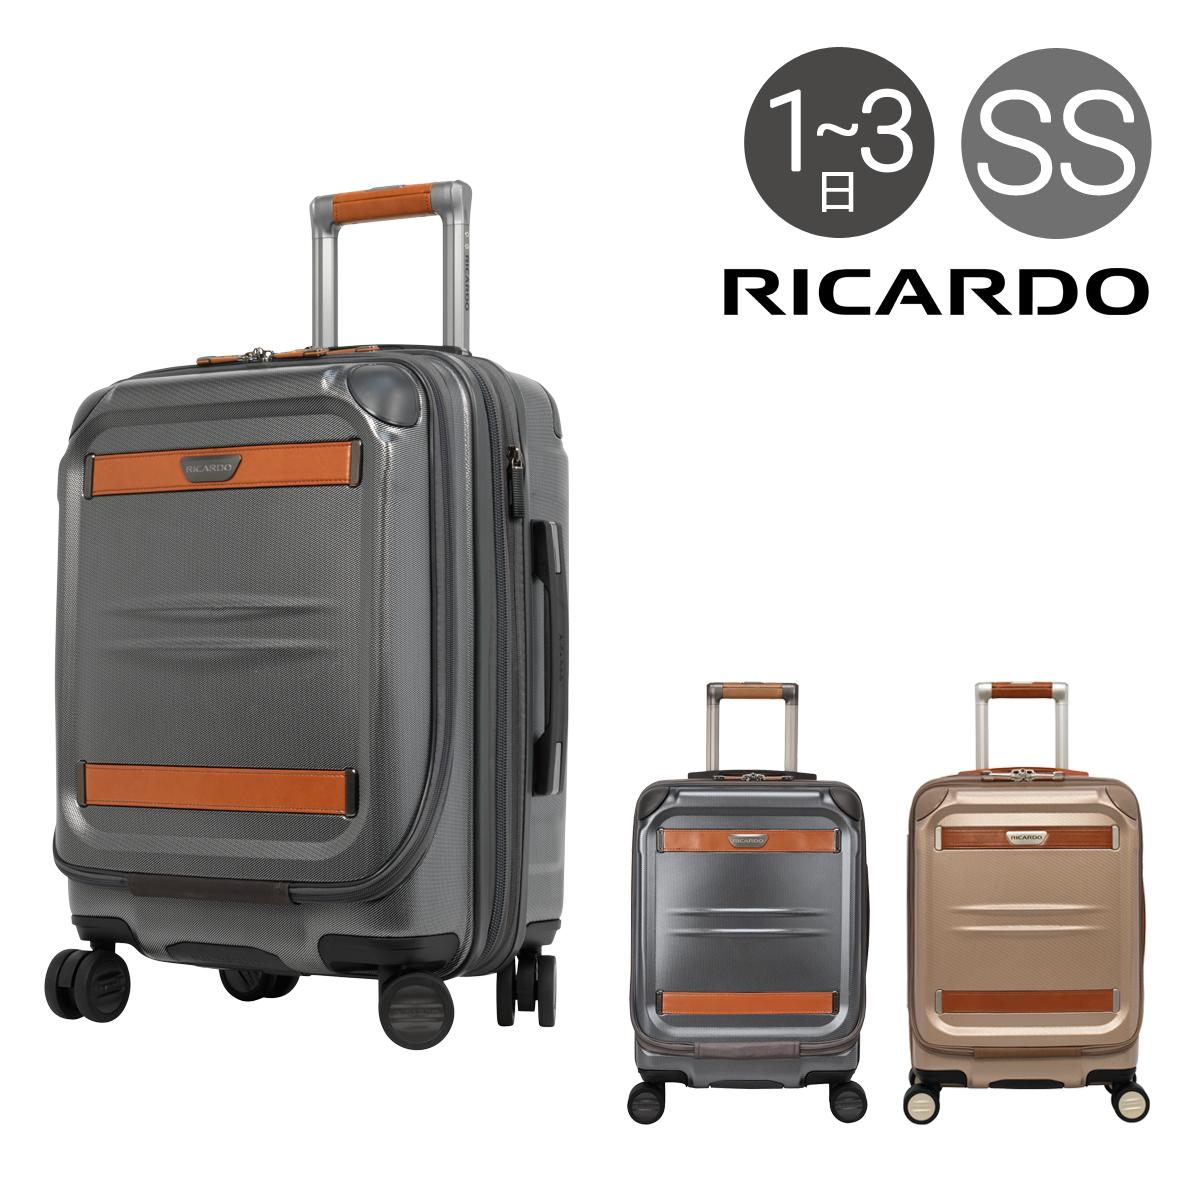 リカルド スーツケース オーシャンドライブ 39L 55.8cm 3.1kg 087-19-4WB RICARDO | キャリーケース ハードキャリー TSAロック機能 フロントオープン[PO10][bef]